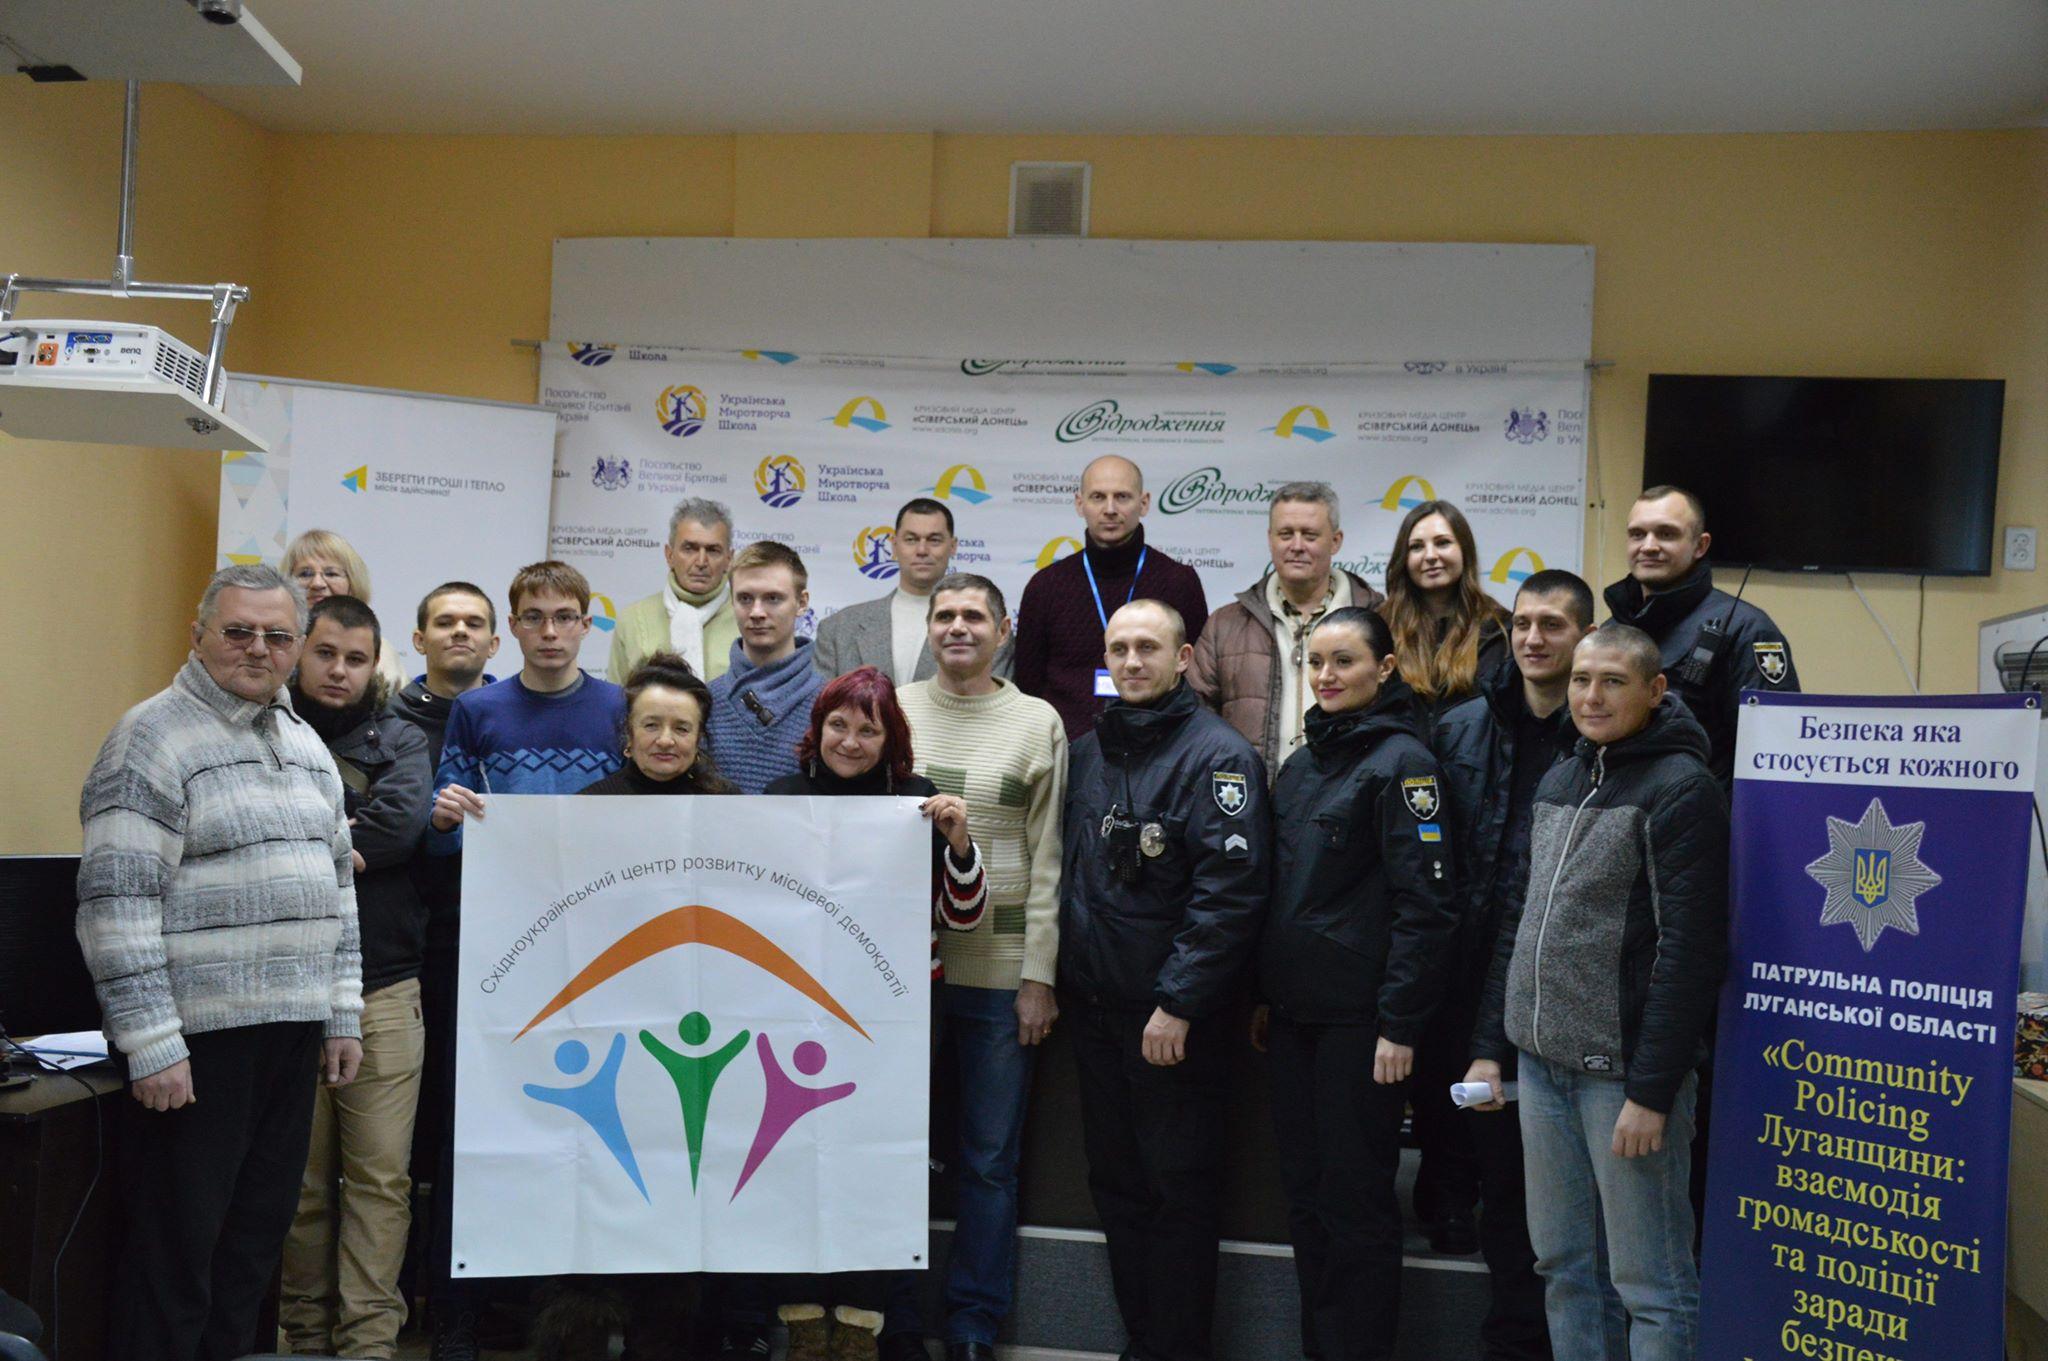 Community Policing Луганщини  взаємодія громадськості та поліції ... b6d07befdf8ca